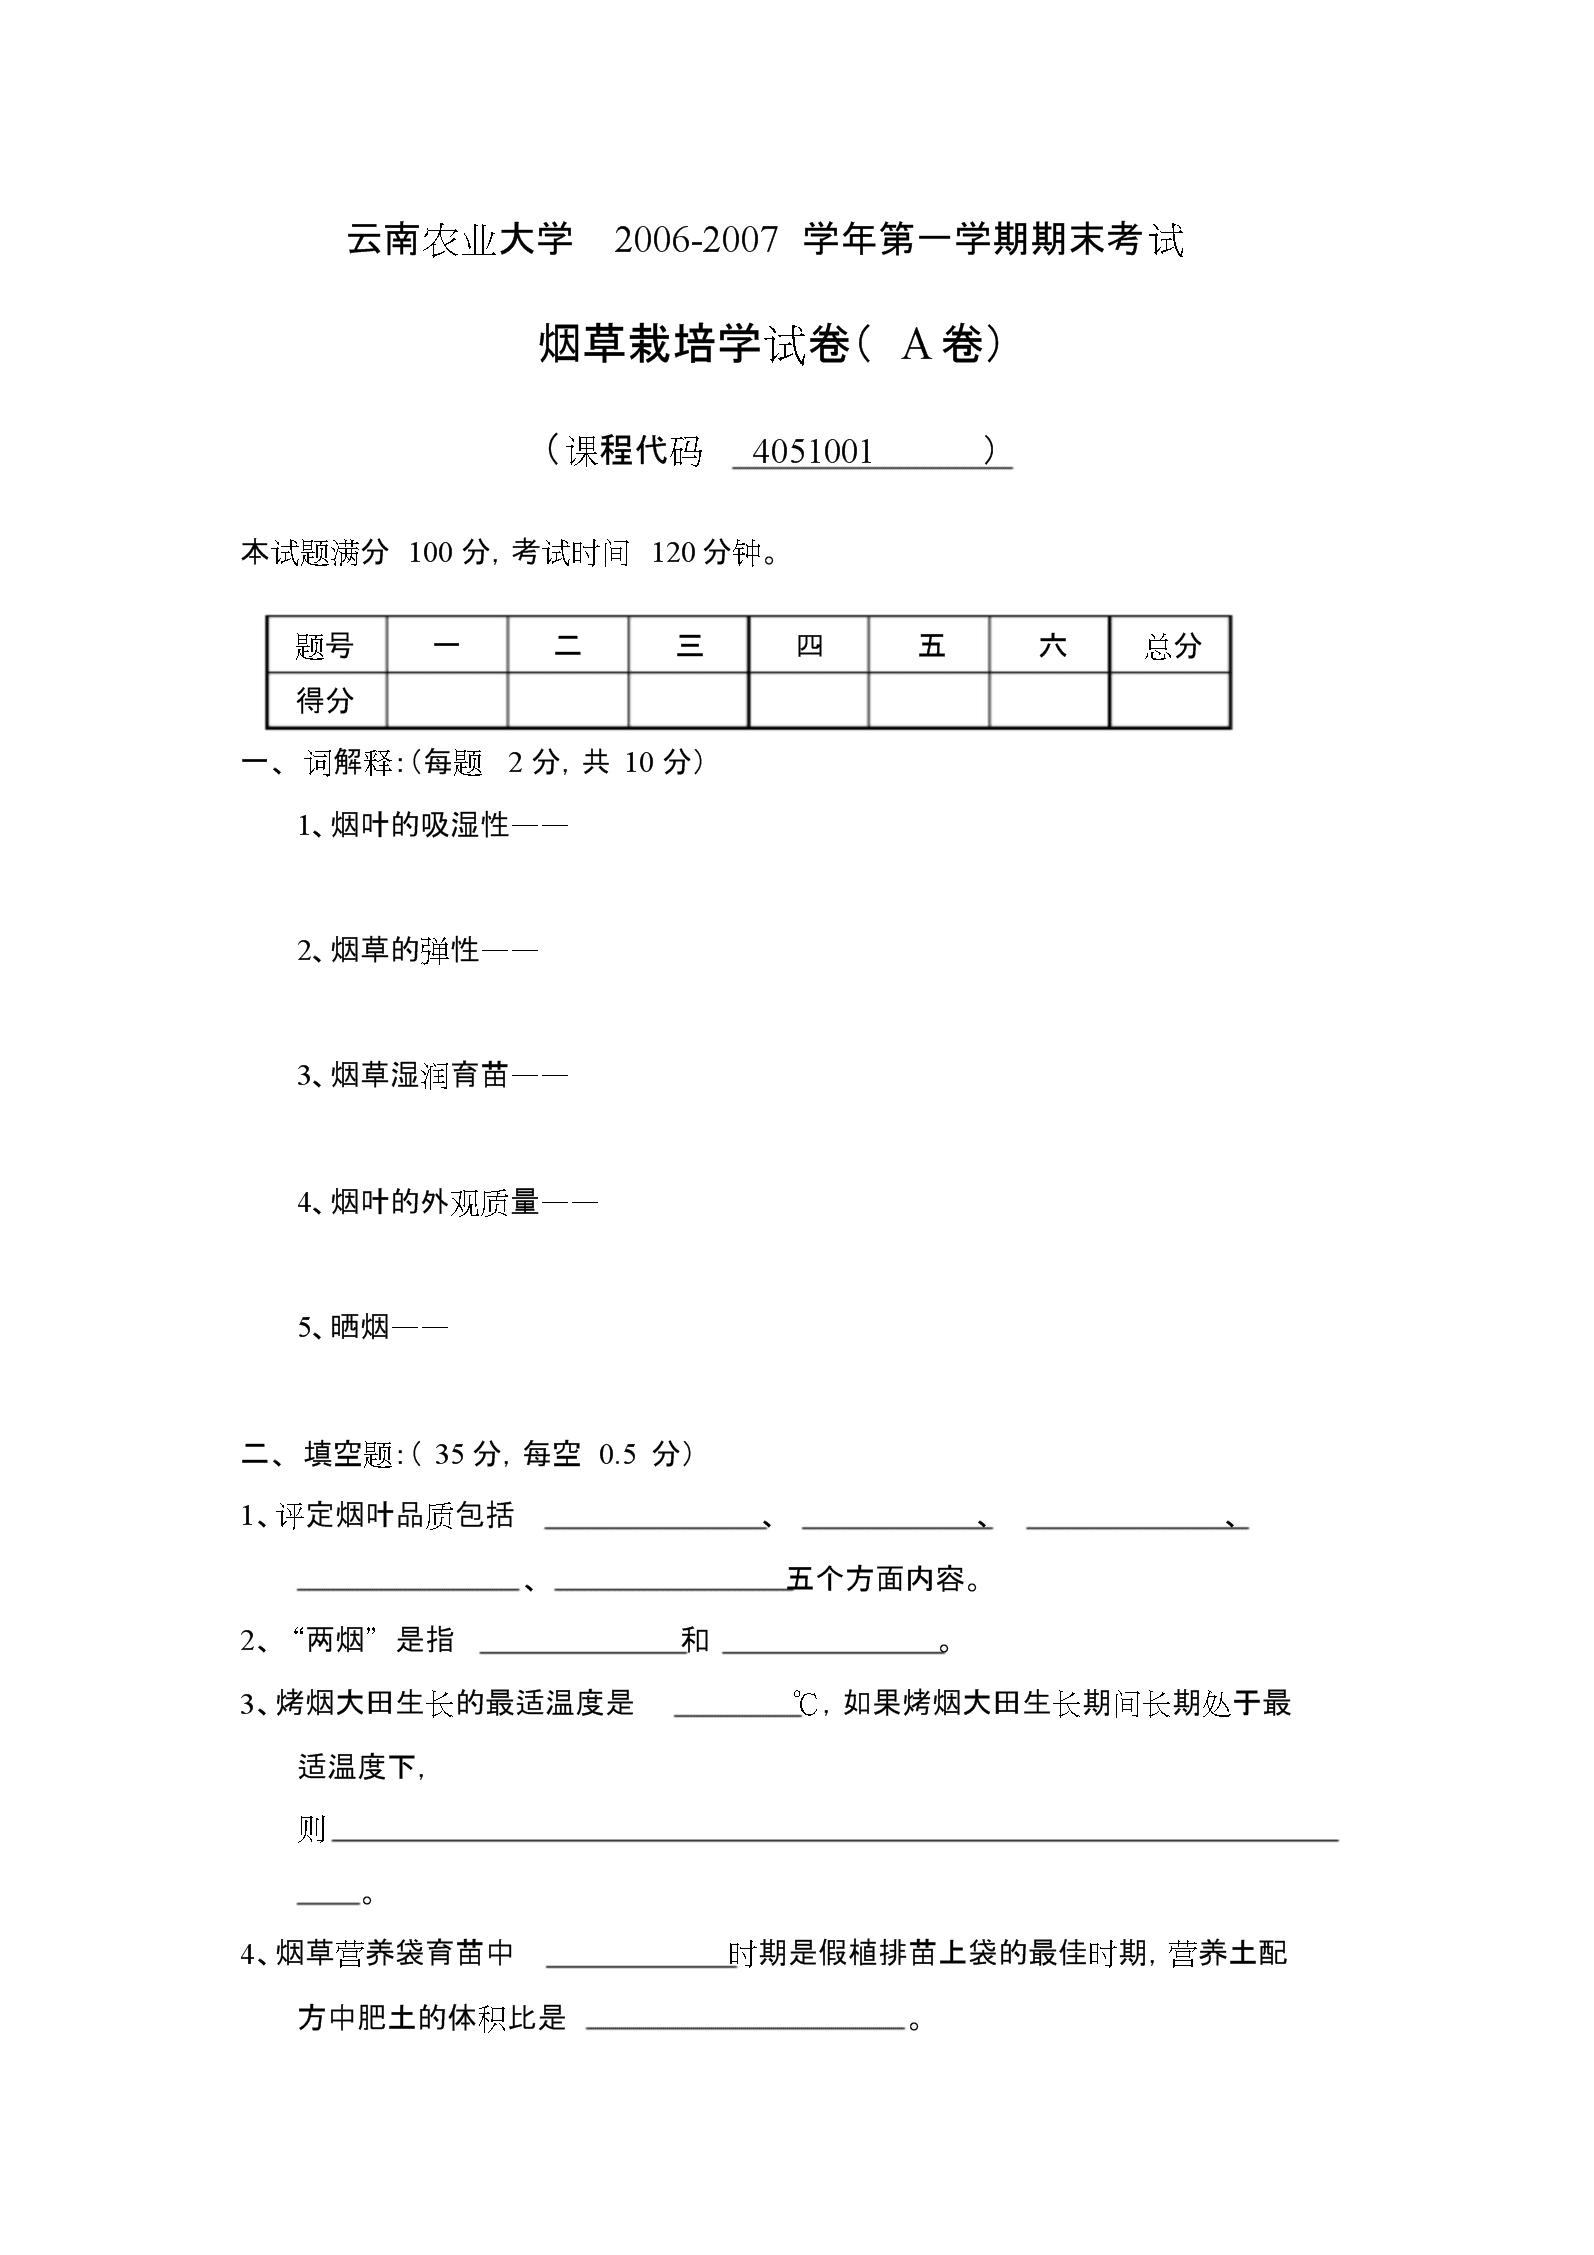 云南农业大学2006烟草试卷.docx